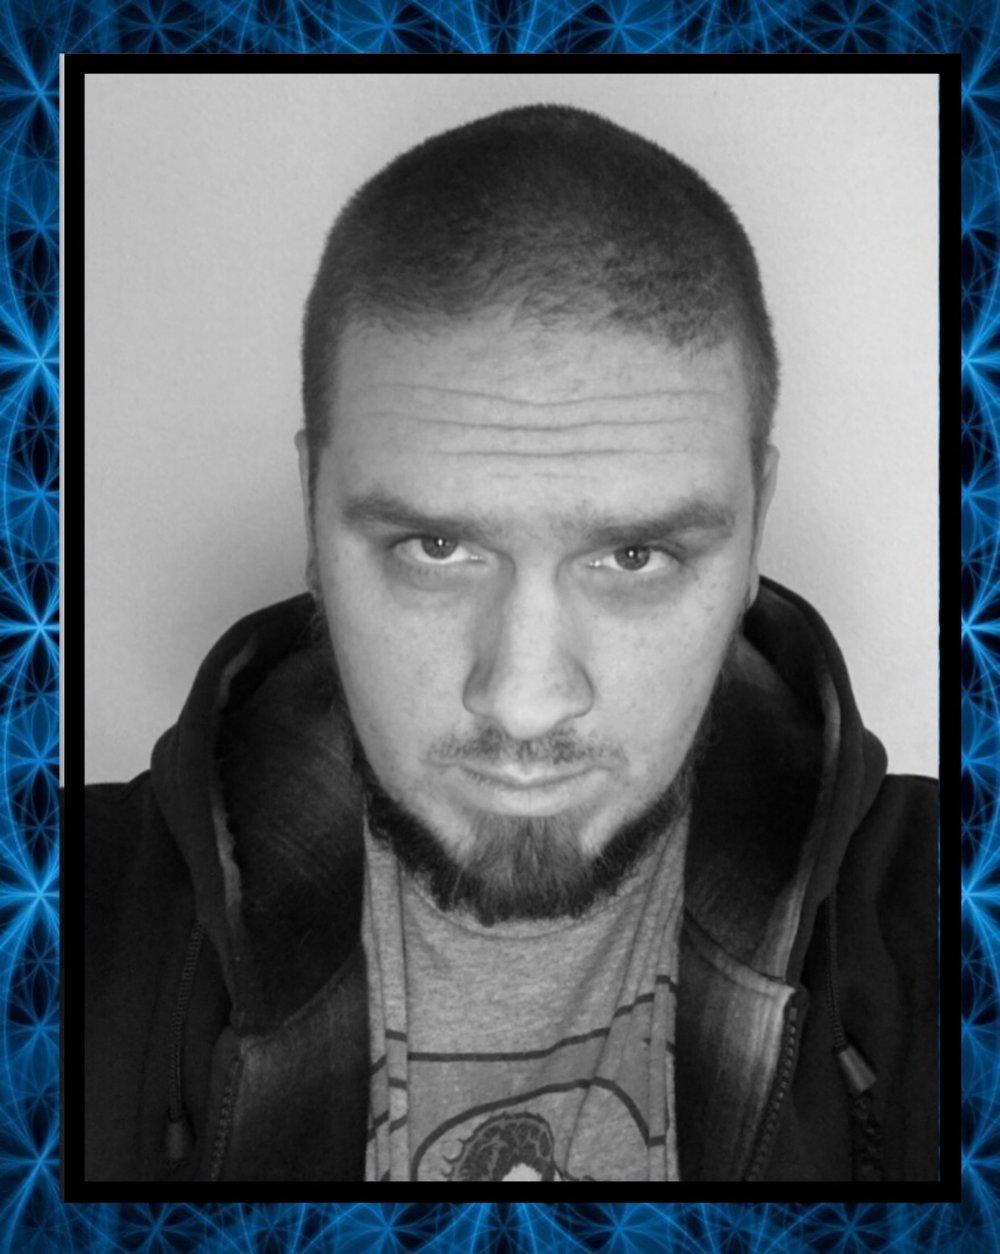 Joe Tweton - Host, Lead Editor, Video and Audio Engineer.